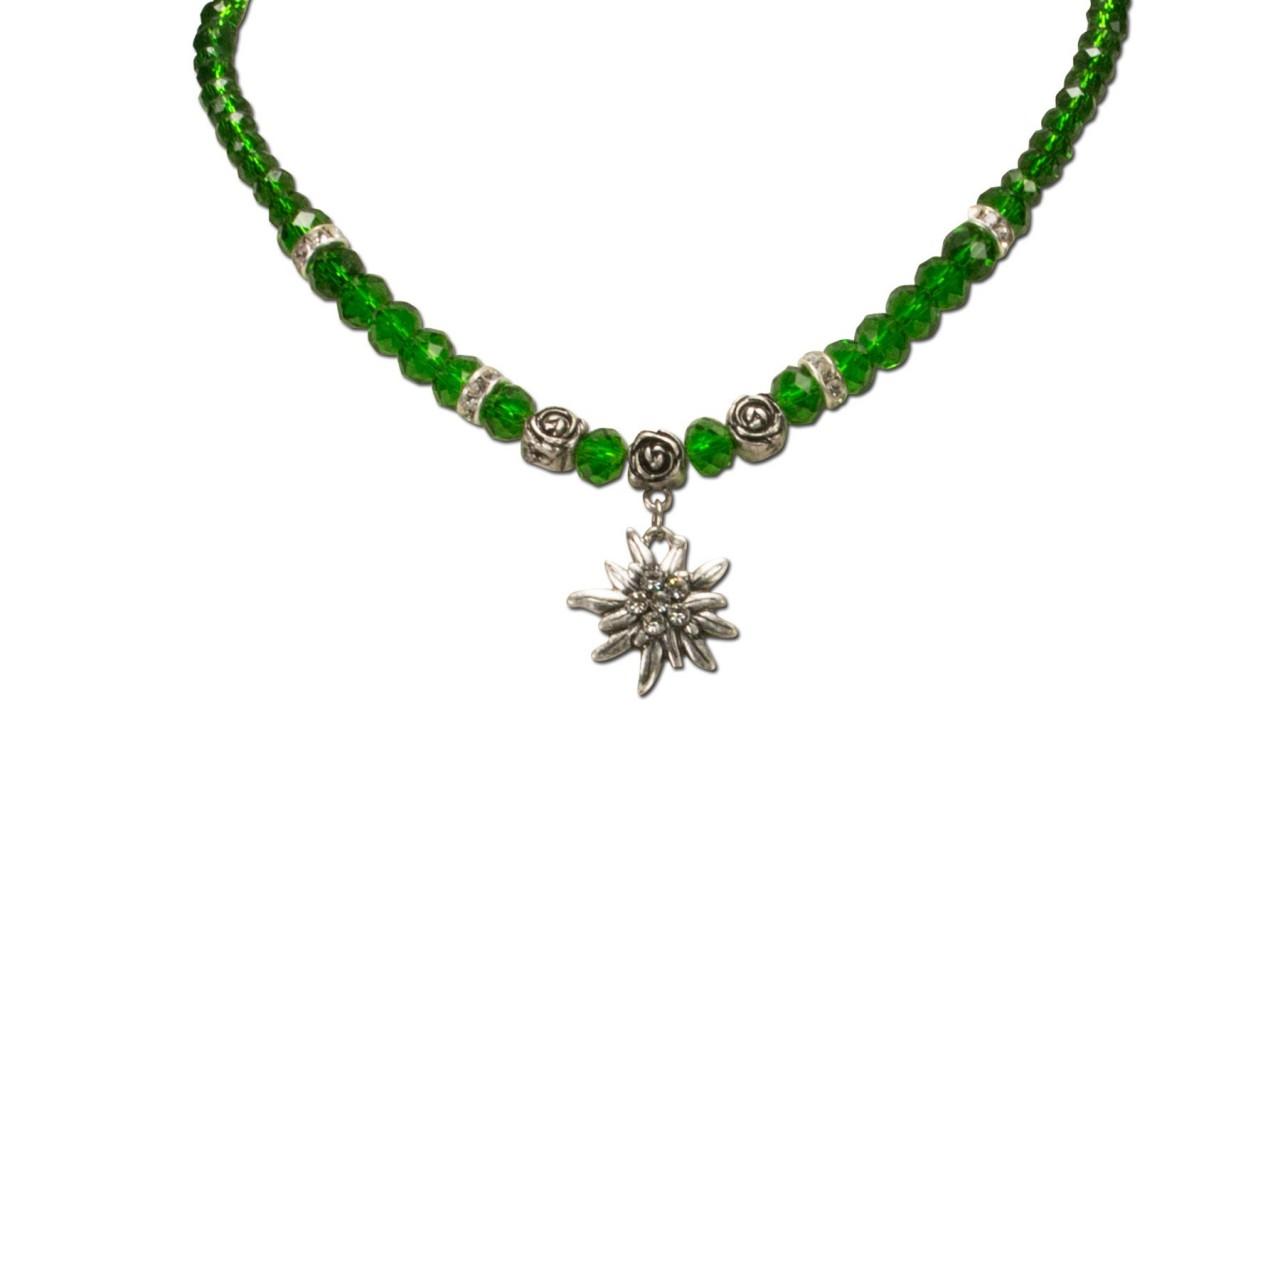 Perlenhalskette kleines Edelweiß grün